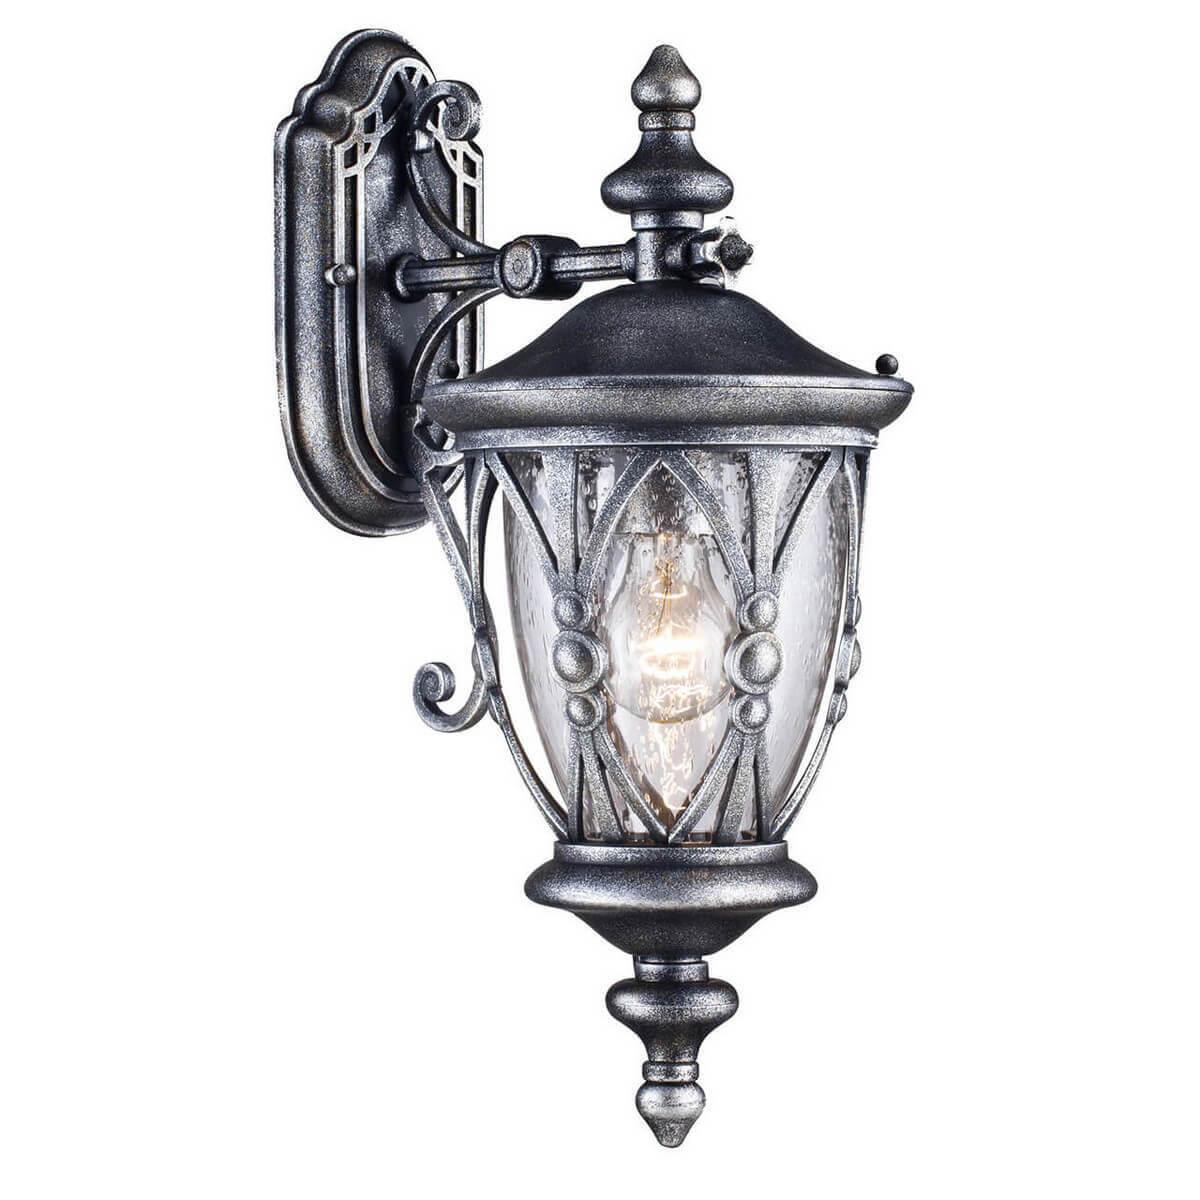 Уличный настенный светильник Maytoni Rua Augusta S103-48-01-B